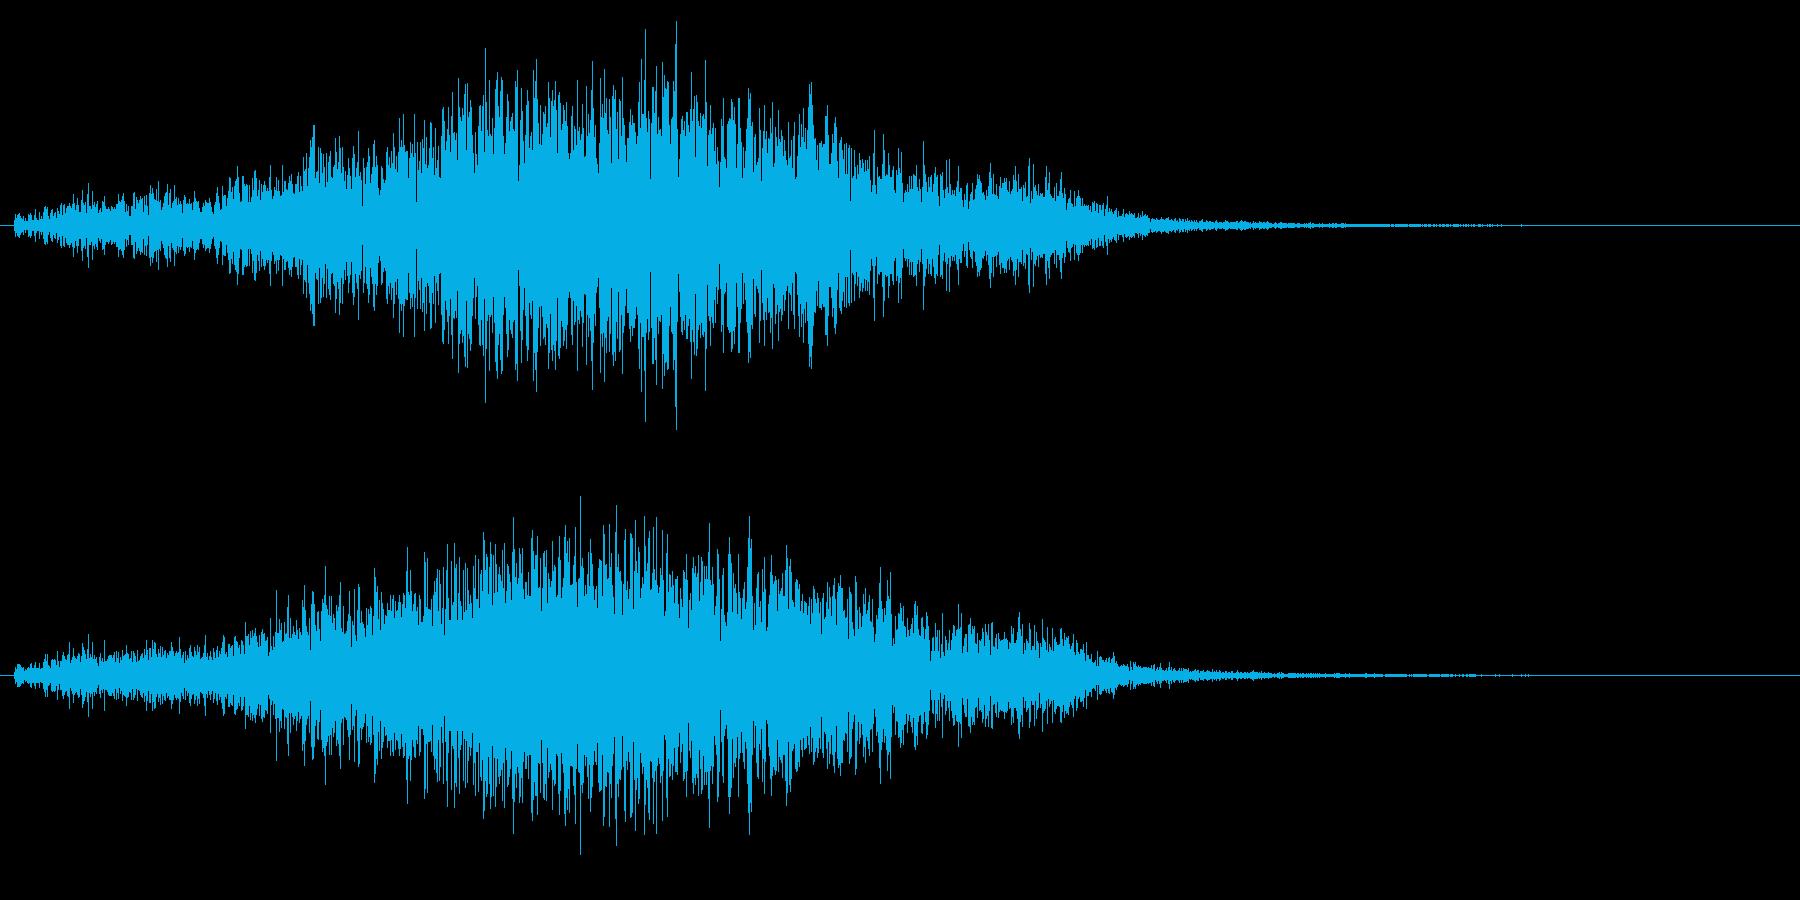 イノシシの鳴き声の再生済みの波形